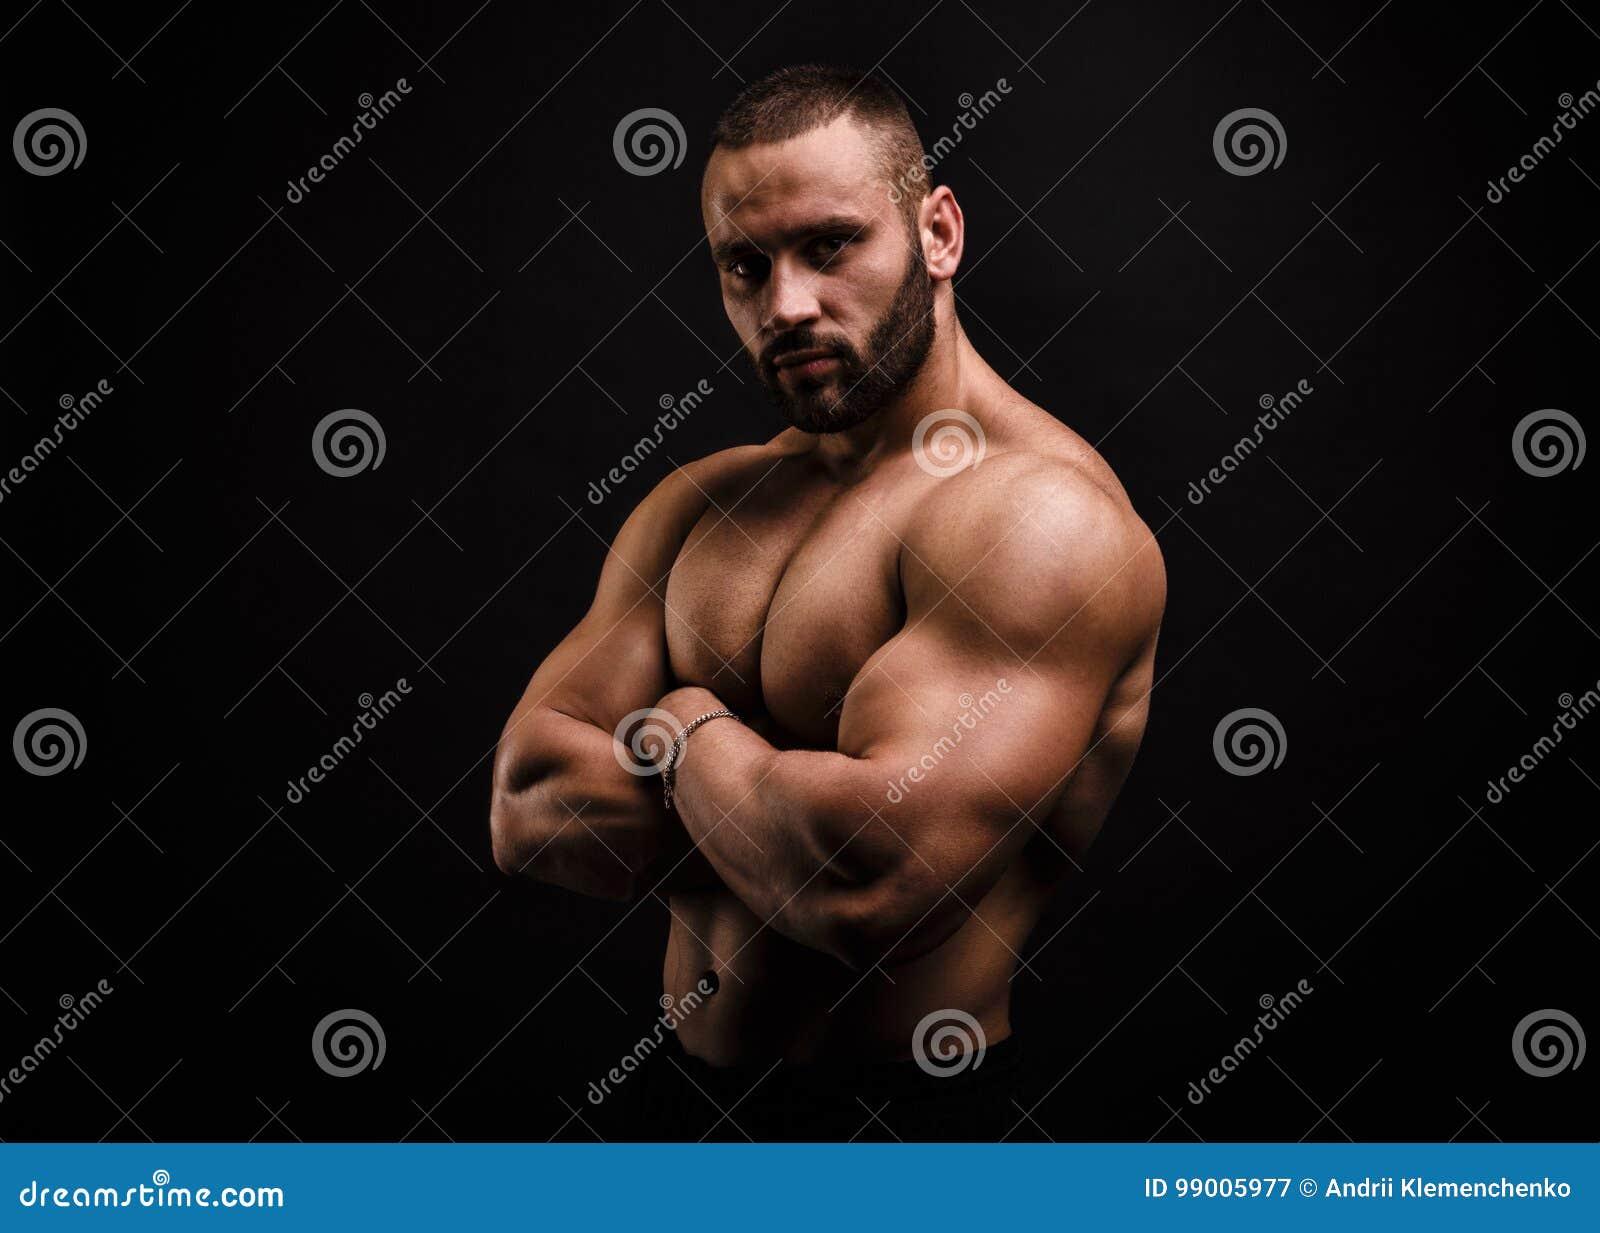 kulturist-v-sekse-zhenshini-porno-foto-seks-s-analnimi-busami